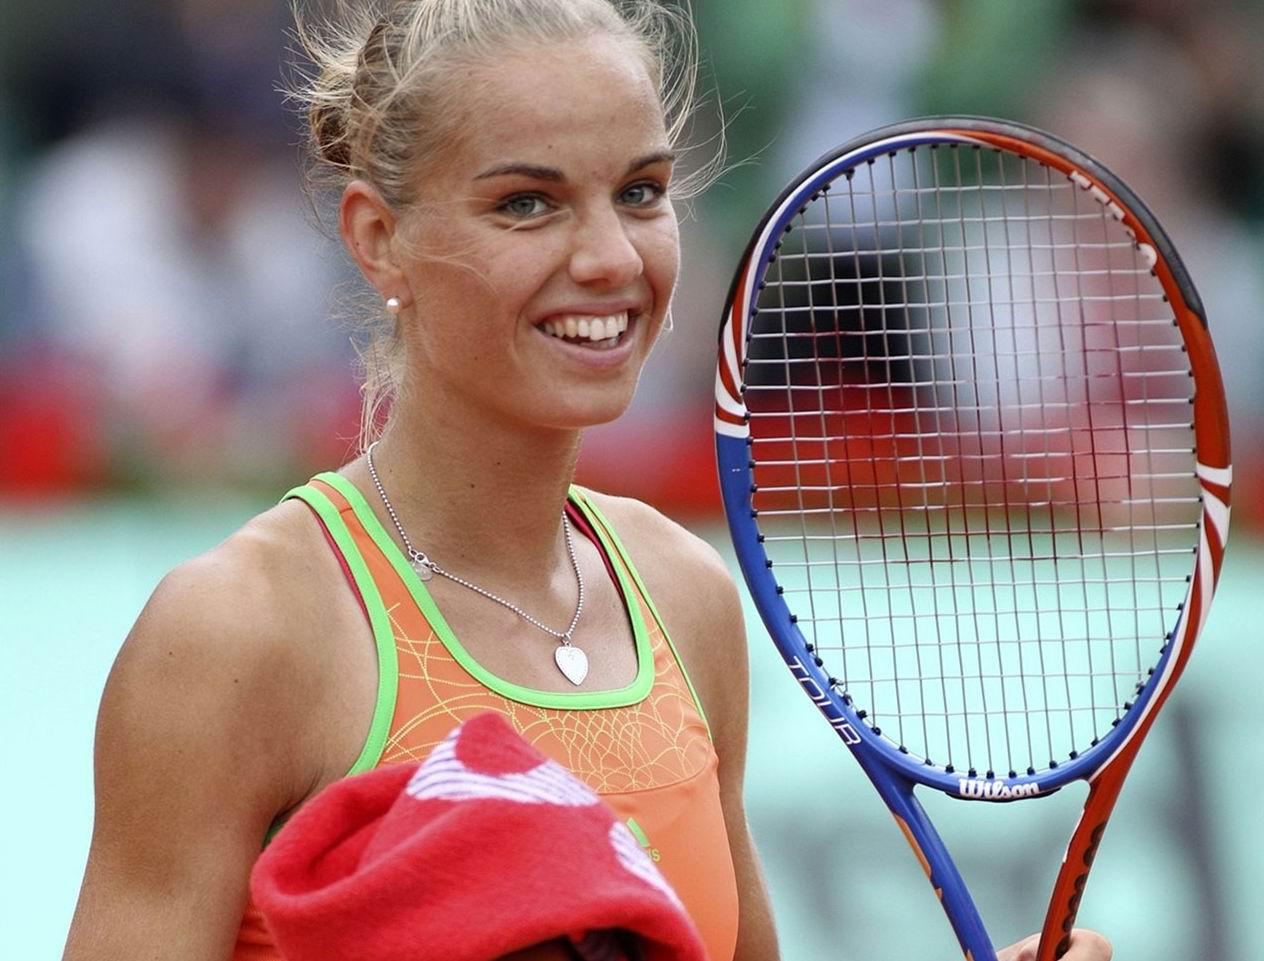 Аранча Рус - Камилла Рахимова. Прогноз и ставки на теннис. 13 июля 2021 года